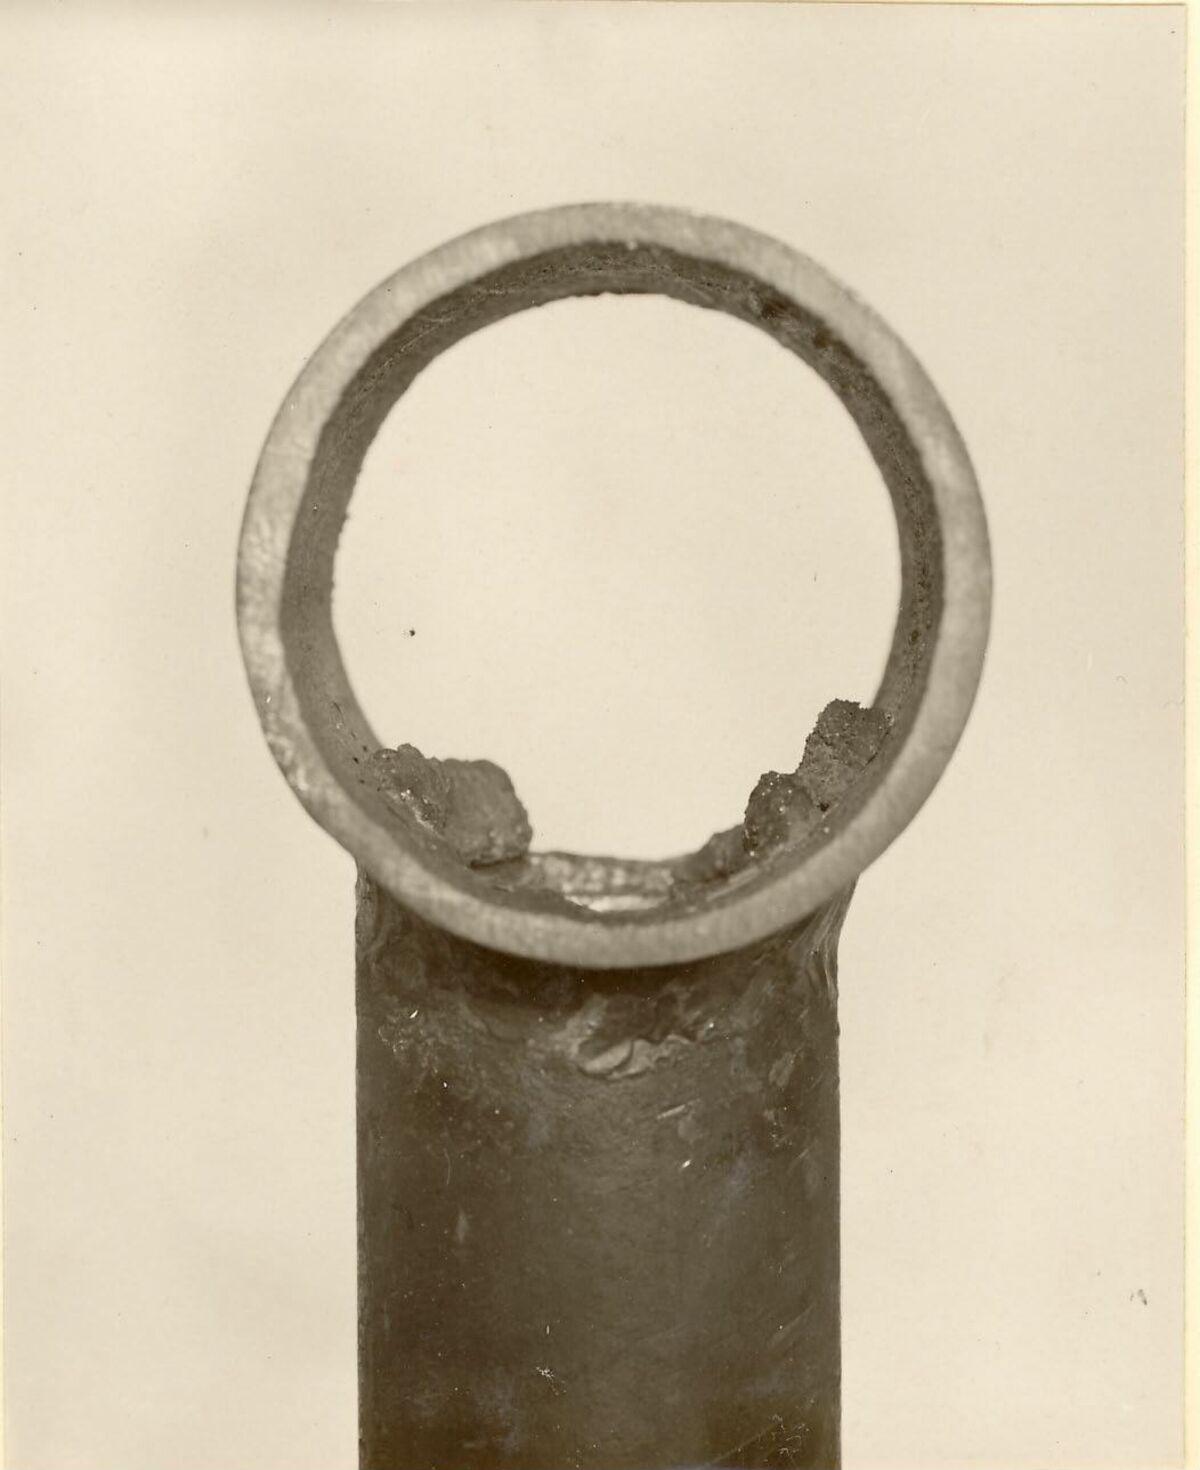 GFA 24/53.1086: Pipe coupling